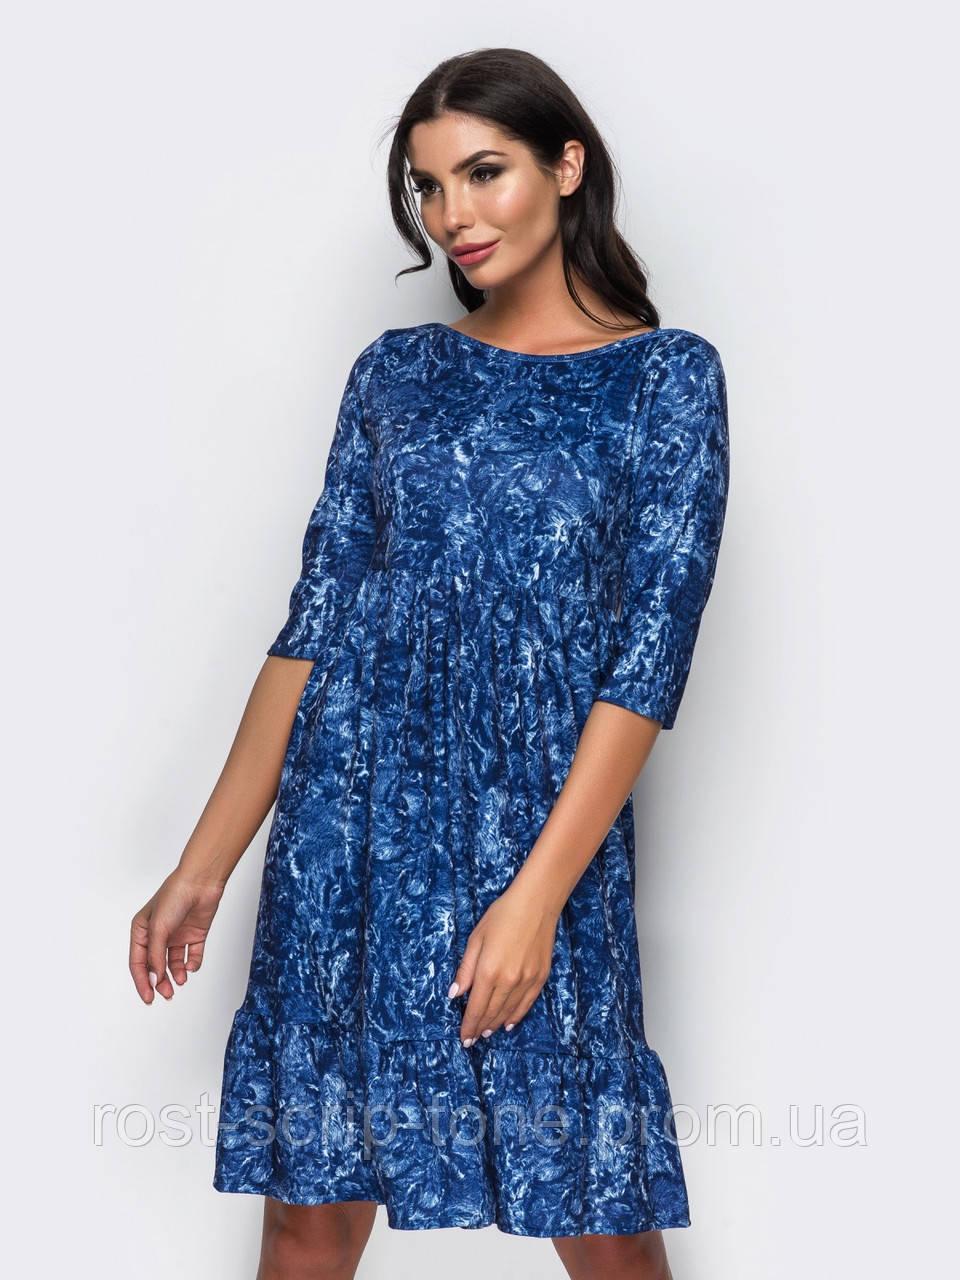 cdb2de49470 ♥️Трикотажное платье с воланом по низу (синее